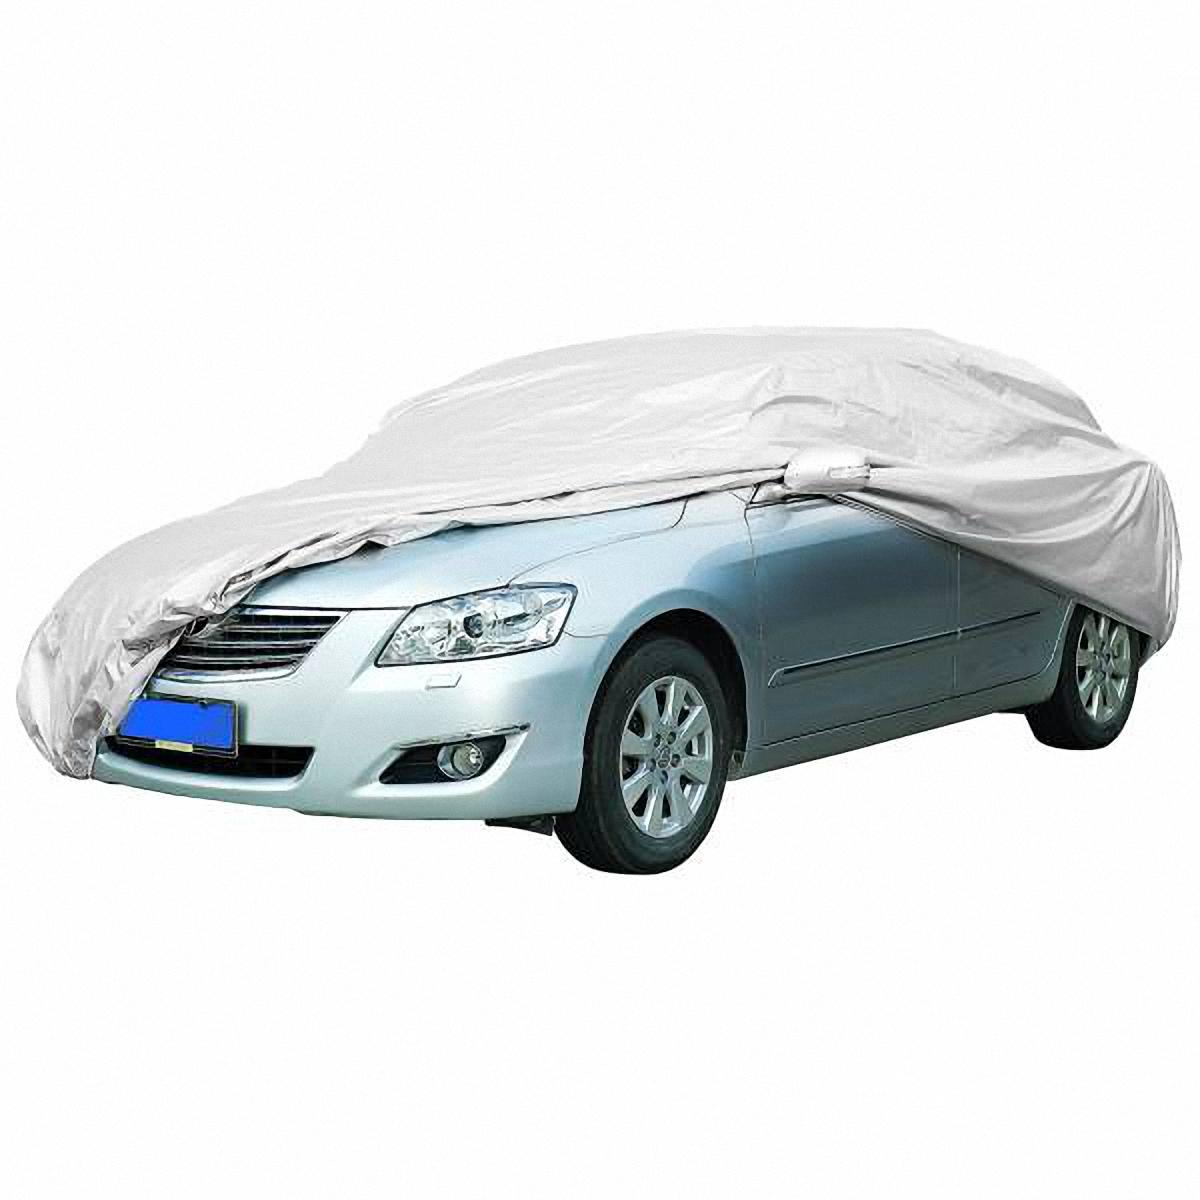 Чехол-тент автомобильный Skyway, 596 х 203 х 119 см. Размер 3XLМ 119Тент автомобильный позволит защитить кузов вашего транспортного средства от коррозии и загрязнений во время хранения или транспортировки, а вас избавит от необходимости частого мытья вашего автомобиля. Чехол-тент предохраняет лакокрасочное покрытие кузова, стекла и фары вашего автомобиля от воздействия прямых солнечных лучей и неблагоприятных погодных условий, загрязнений. Легко и быстро надевается на автомобиль, не царапая и не повреждая его.Изготовлен из высококачественного полиэстера. В передней и задней части тента вшиты резинки, стягивающие его нижний край под передним и задним бамперами. Обладает высокой влаго- и износостойкостью. Обладает светоотражающими и пылезащитными свойствами. Выдерживает как низкие, так и высокие температуры. Воздухопроницаемый материал. Состав: полиэстер. Размер: 596 х 203 х 119 см.